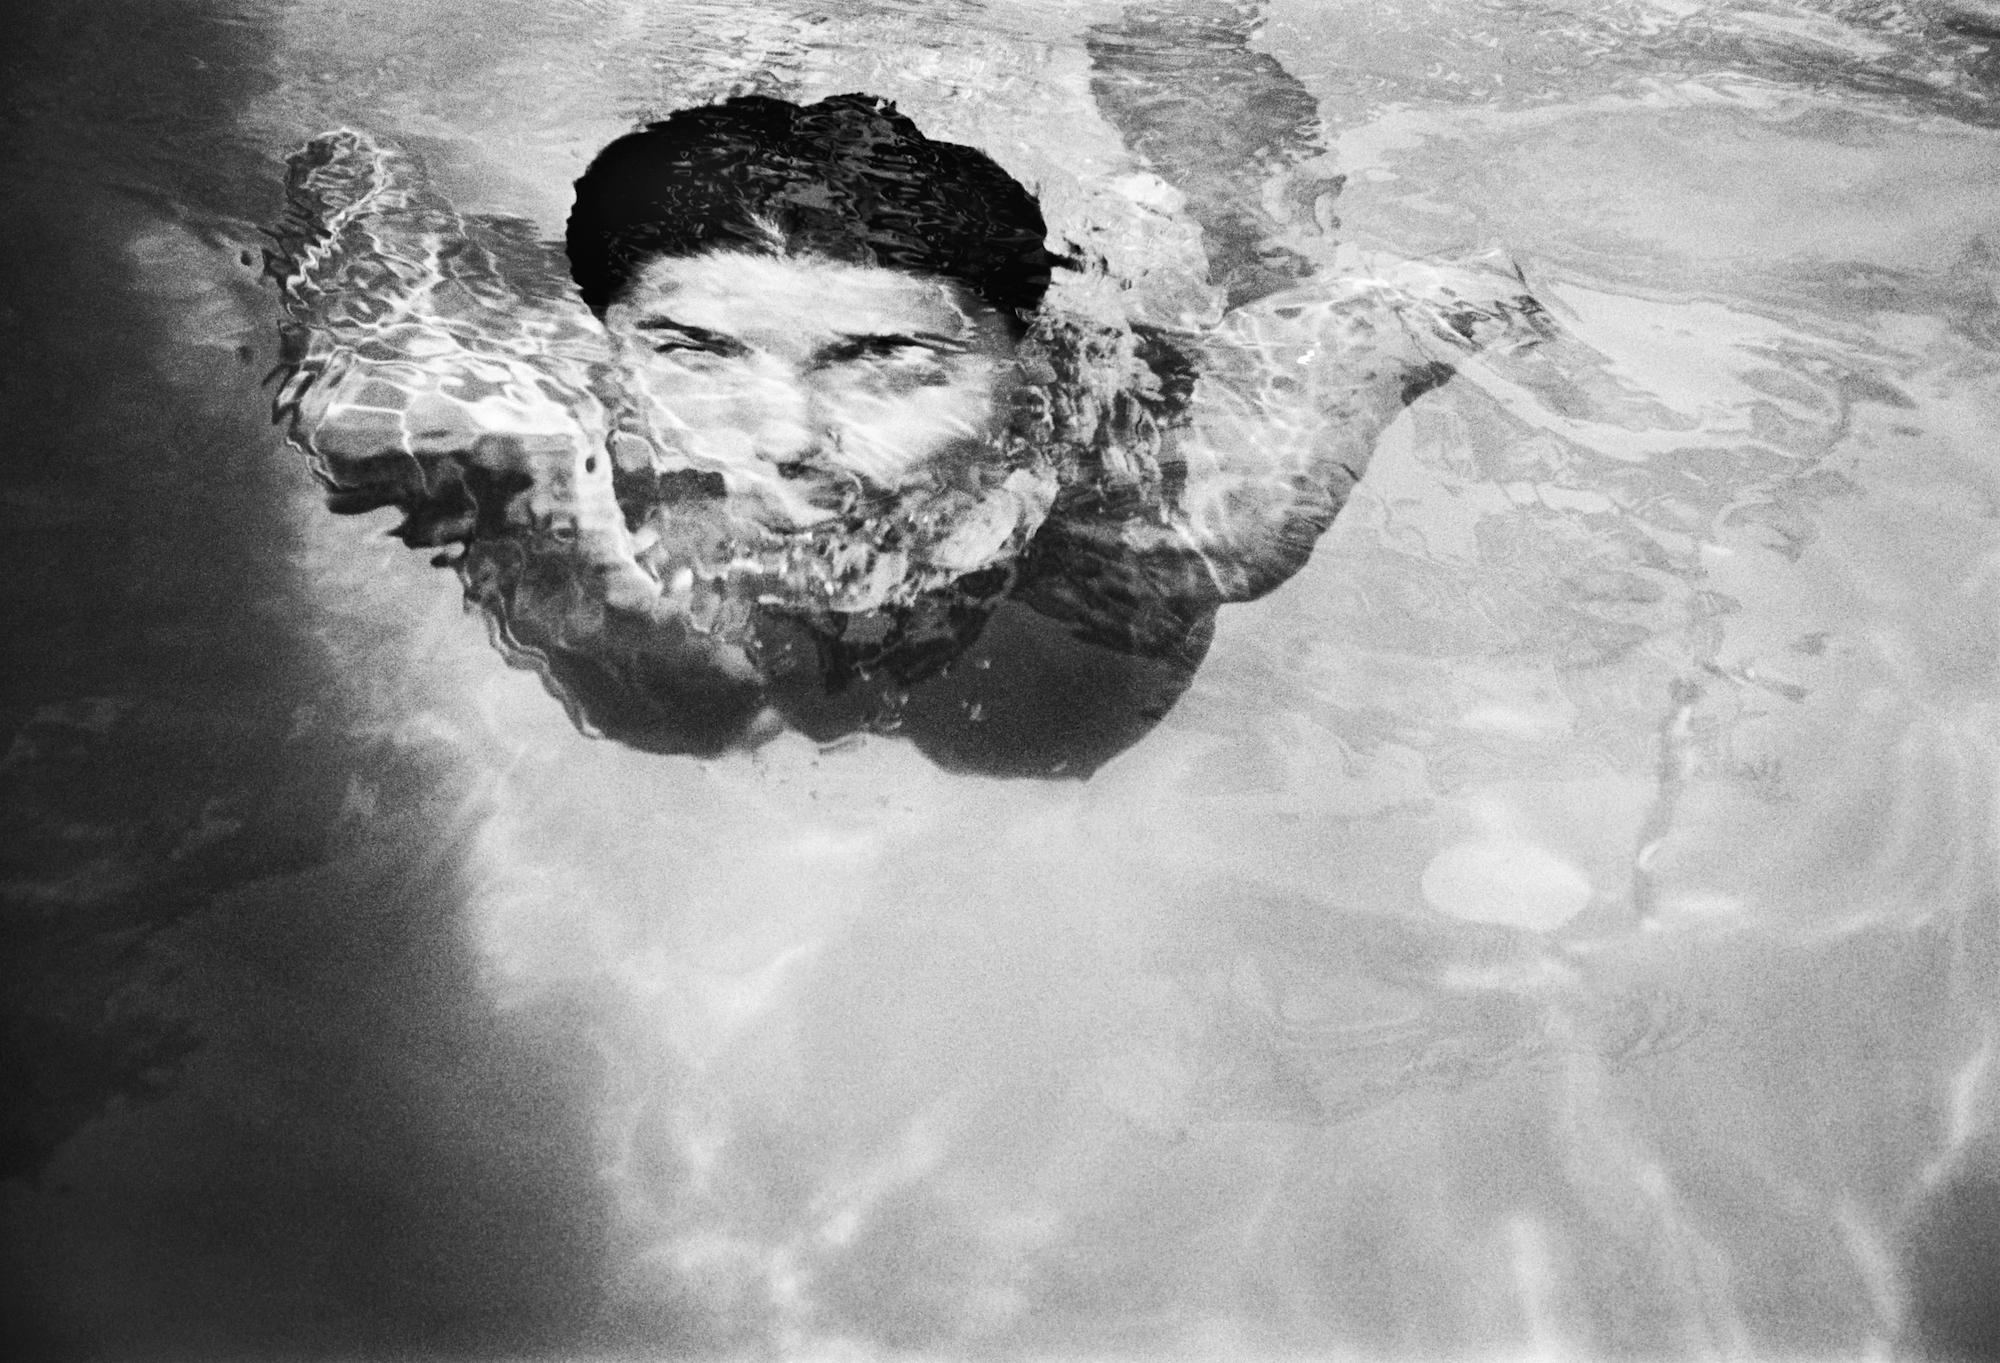 corps et eau 22.jpg